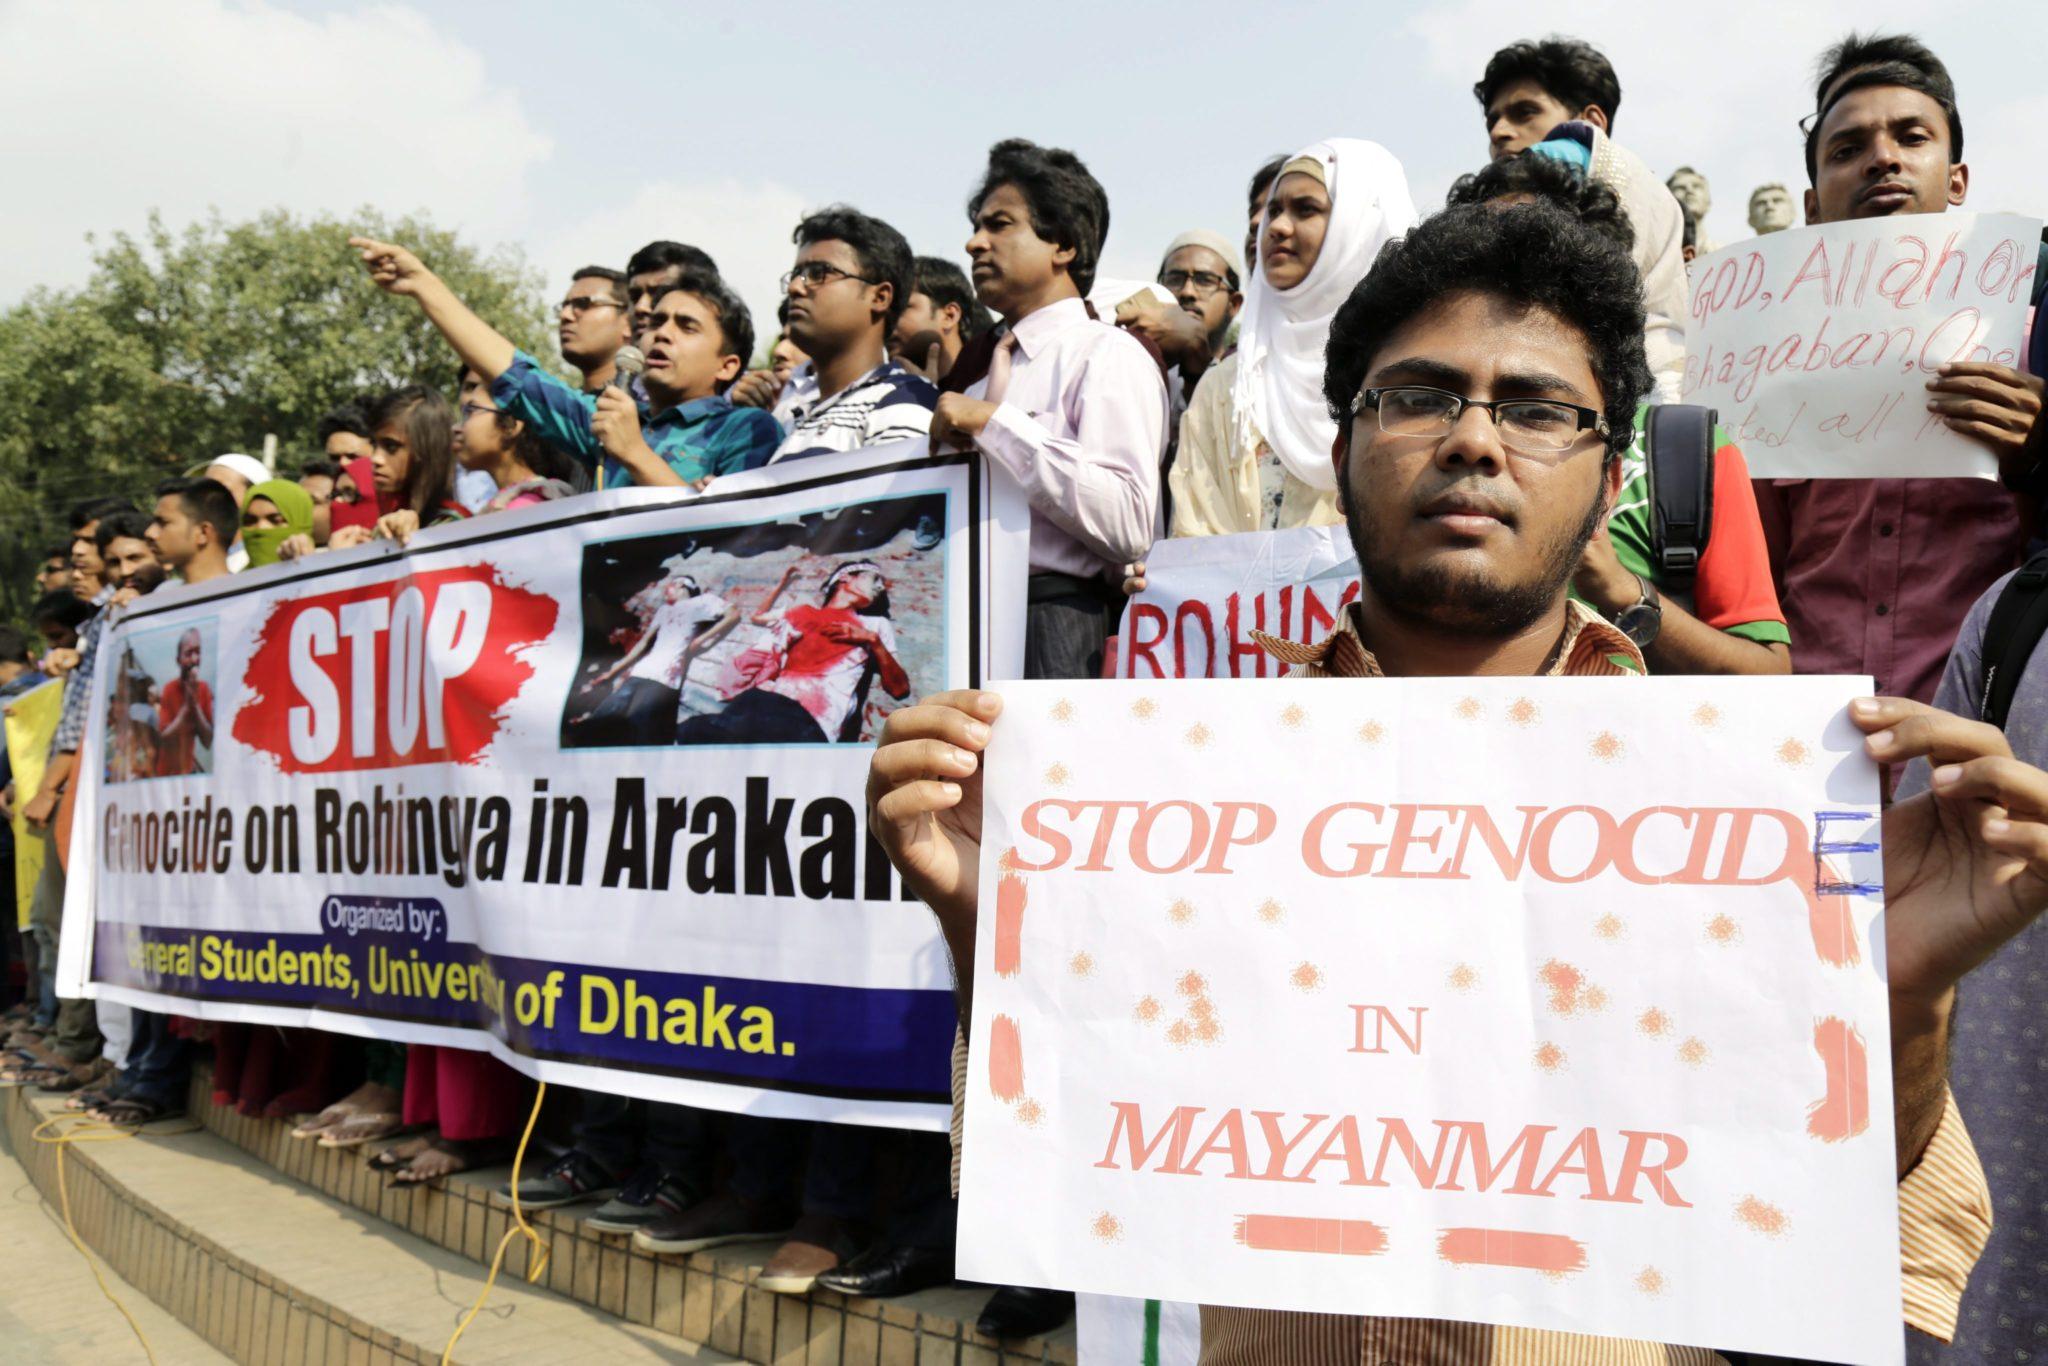 Bangladesz: protest studentów przeciw przemocy wobec mniejszości etnicznych i wyznaniowych (foto. PAP/EPA/ABIR ABDULLAH)